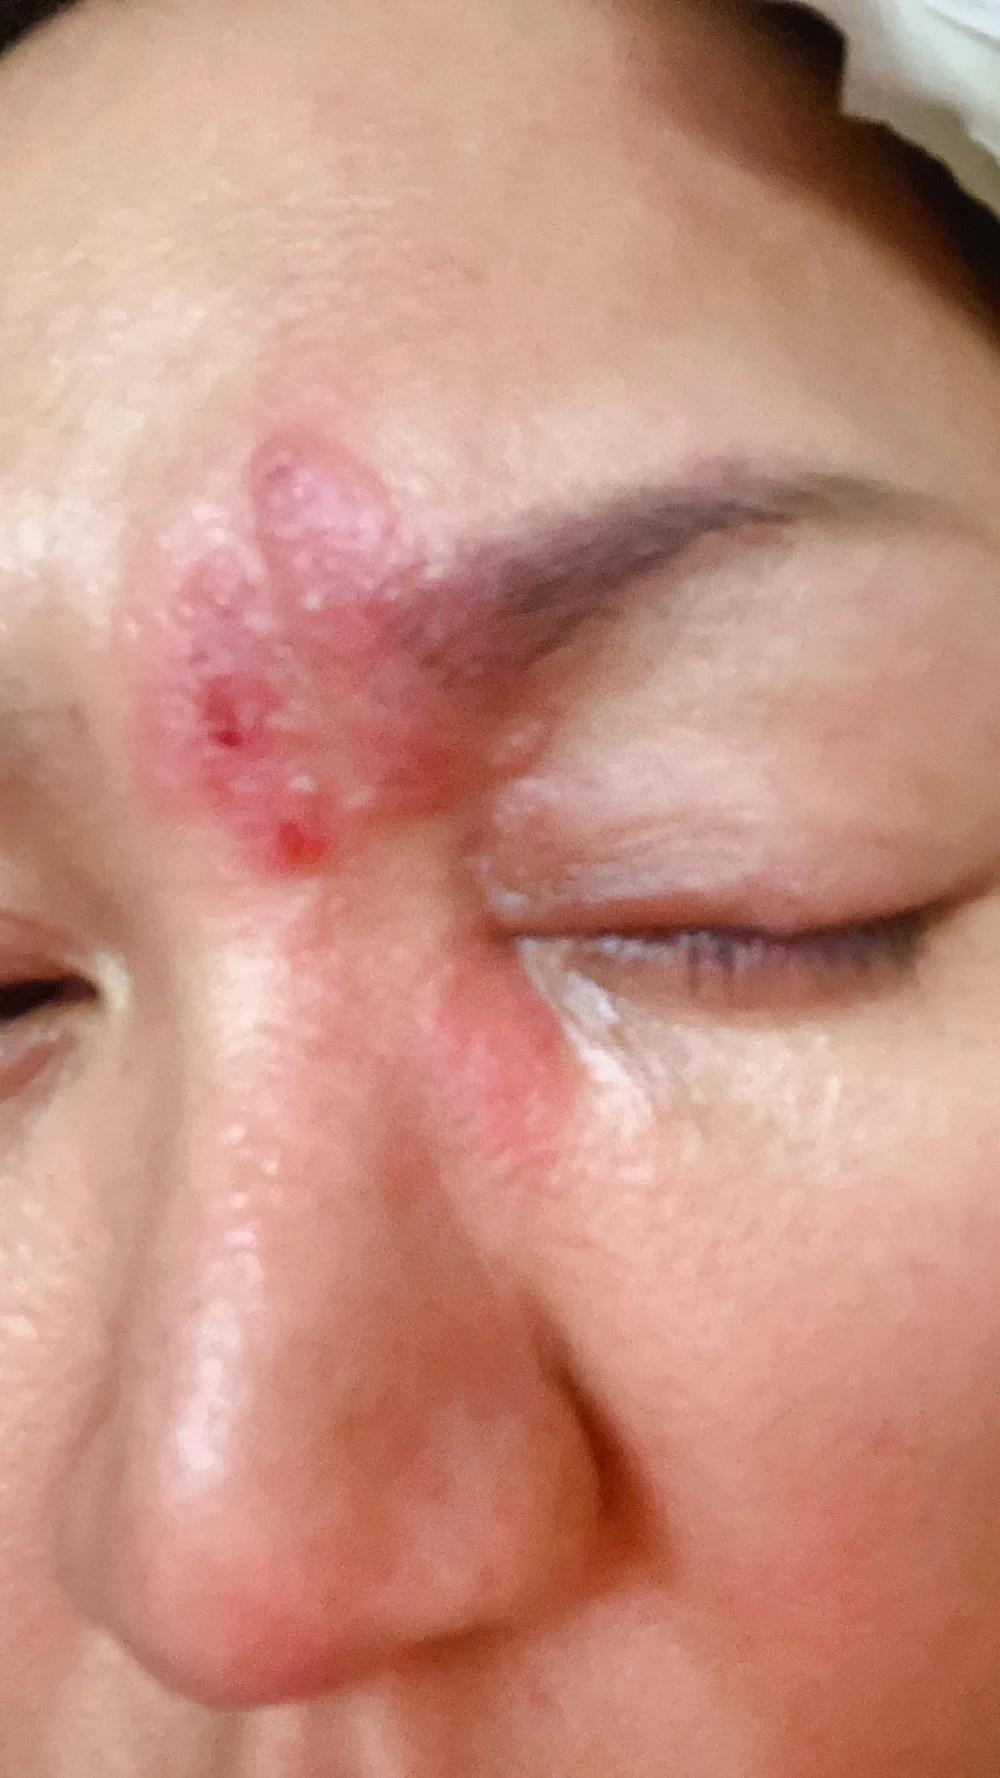 【生蛇治療】黎瑞恩生蛇上眼又腫又痕!即看帶狀皰疹徵狀和治療方法   UrbanLife 健康新態度